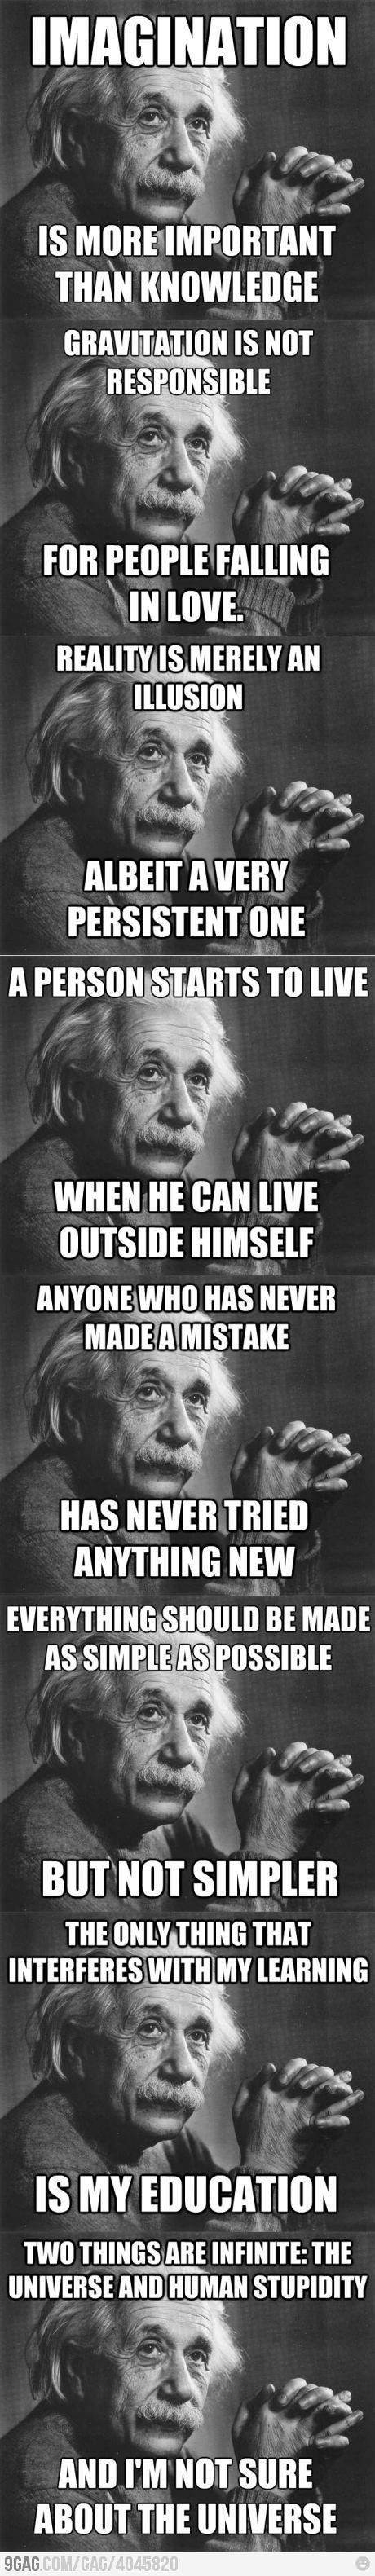 well said sir, well said.